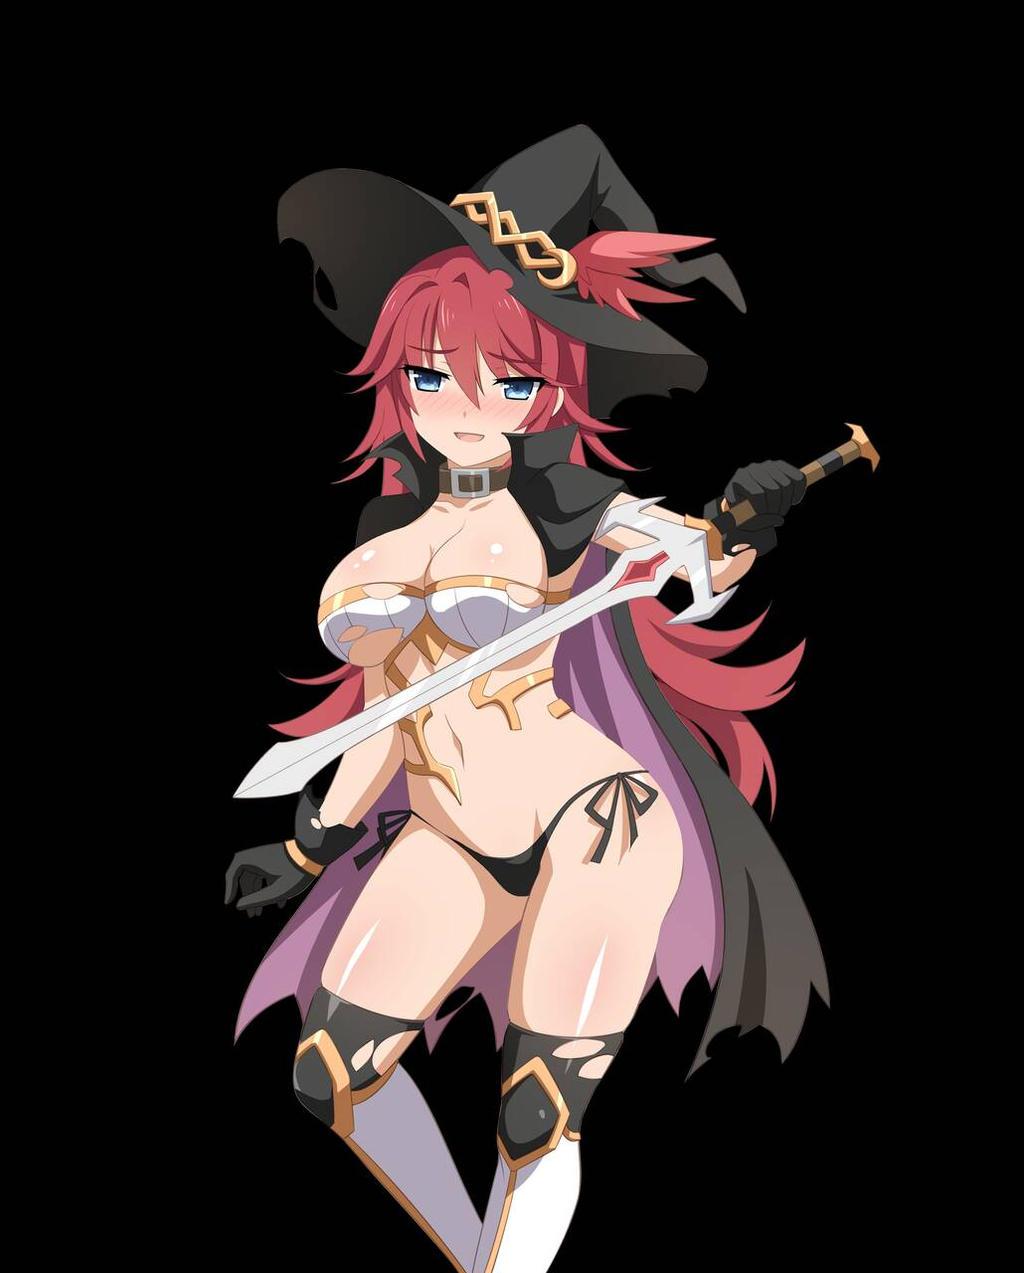 Sakura dungeon hentai anime rpg fantasy game trailer 5